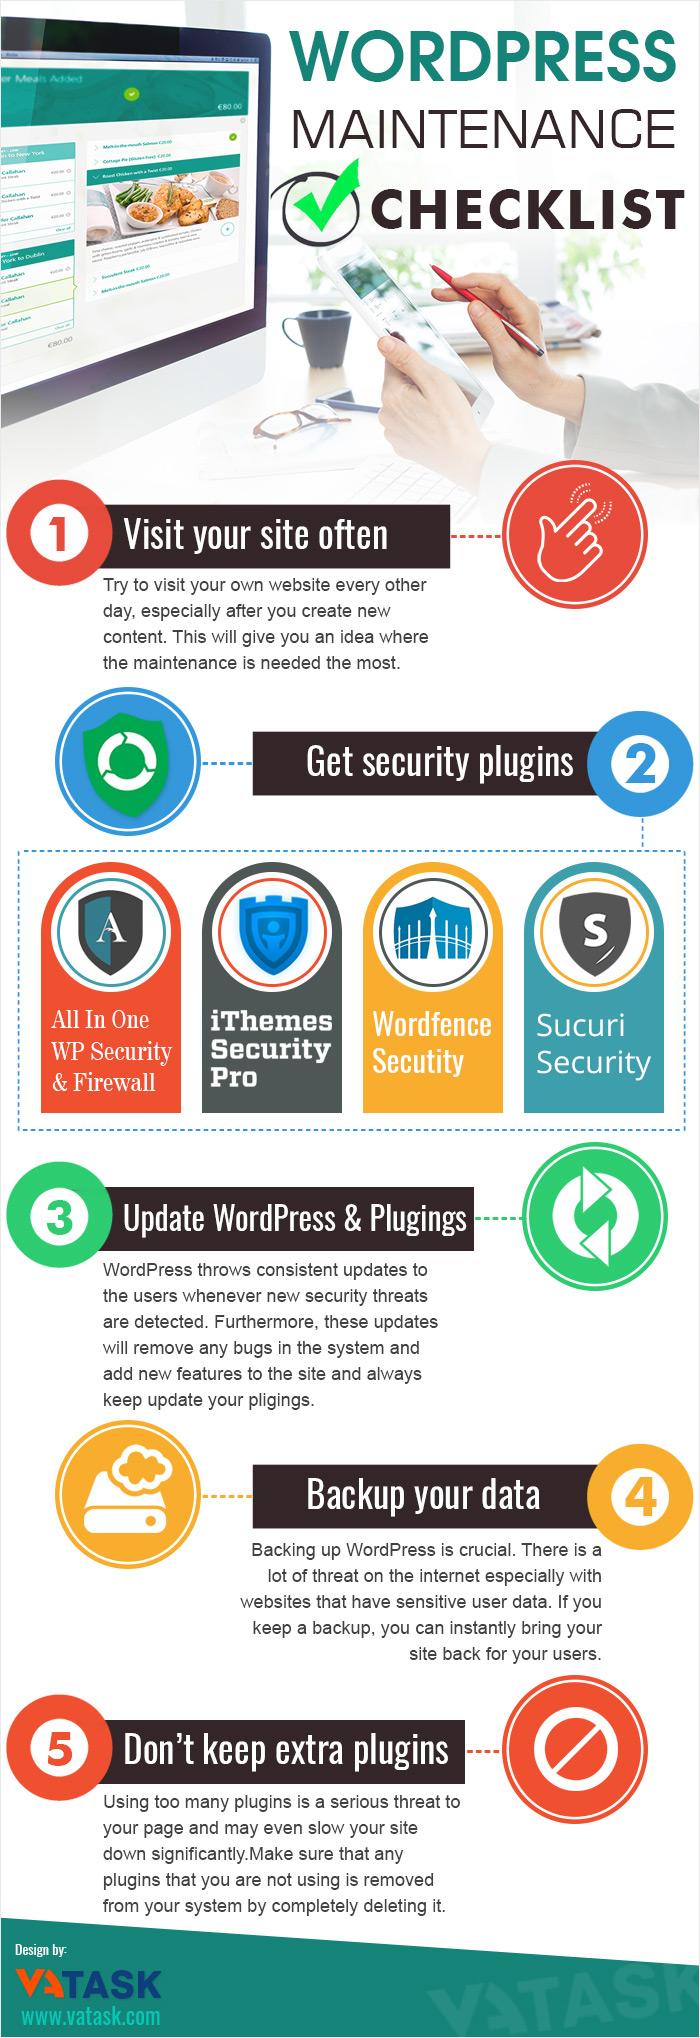 wordpress maintenance checklist infographic